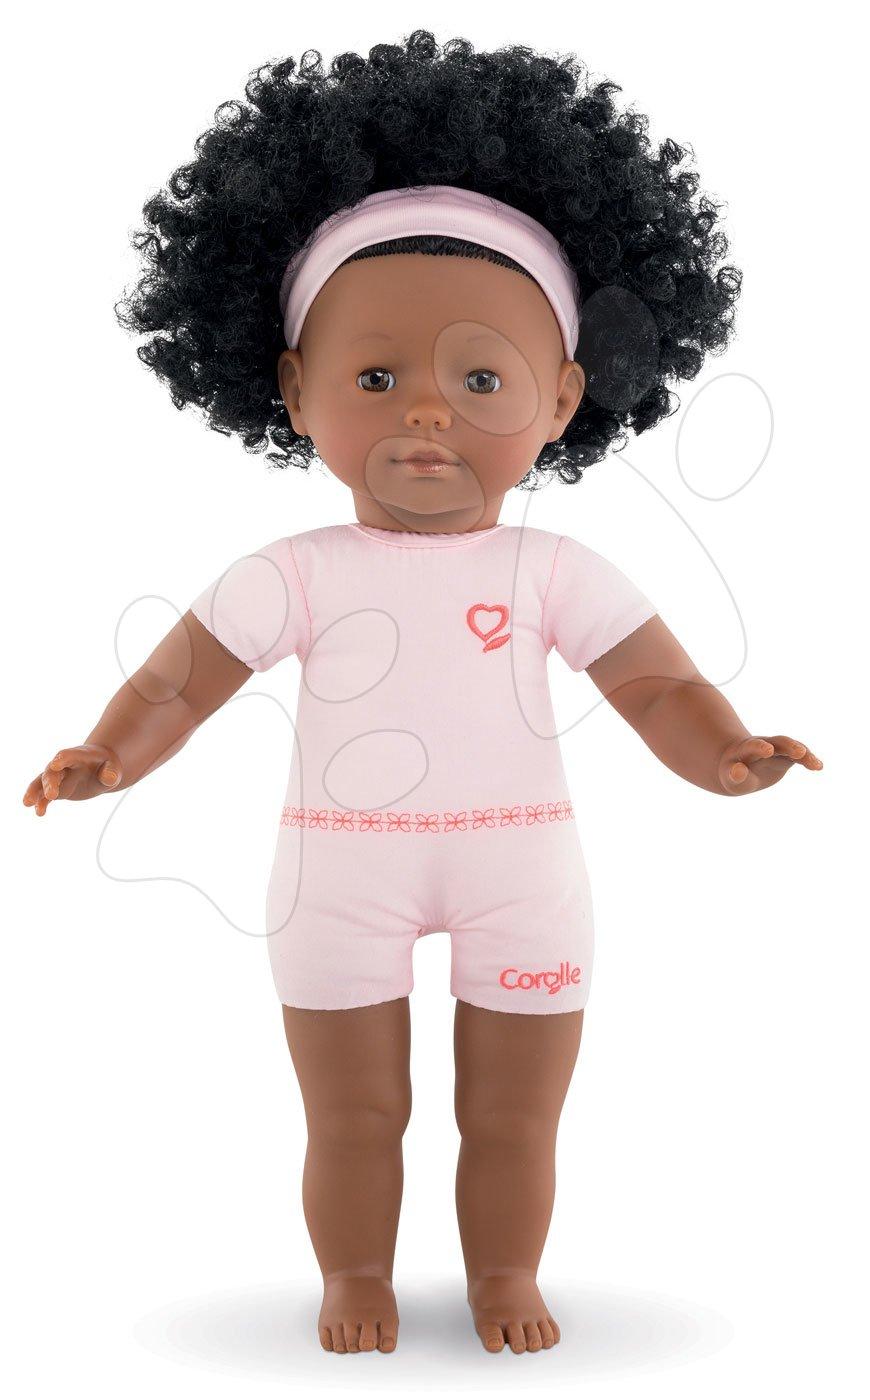 Bábika na obliekanie Pauline Ma Corolle kučeravé čierne vlasy a hnedé klipkajúce oči 36 cm od 4 rokov